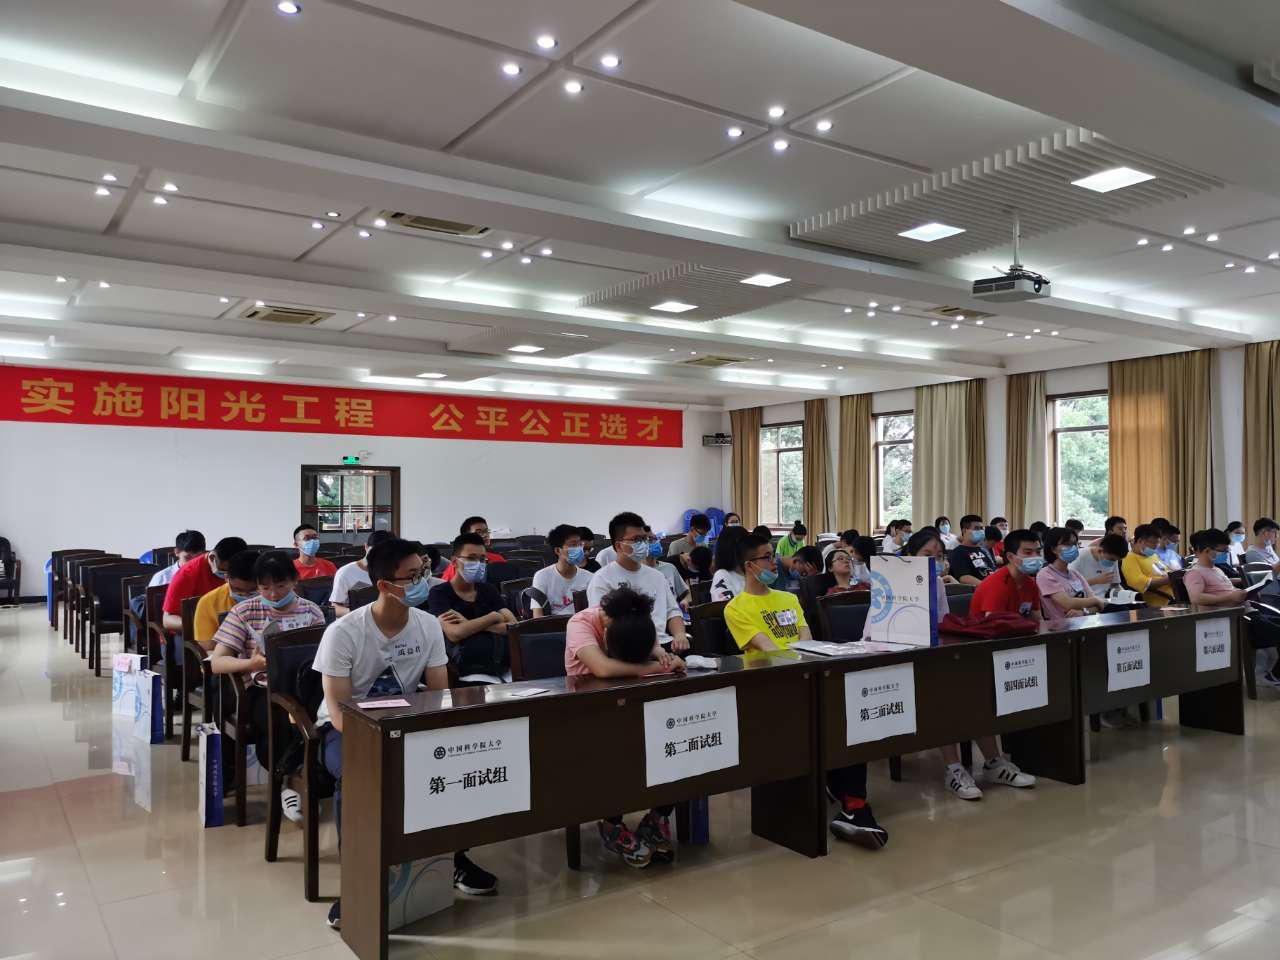 中国科学院大学今年计划在湘招生37人